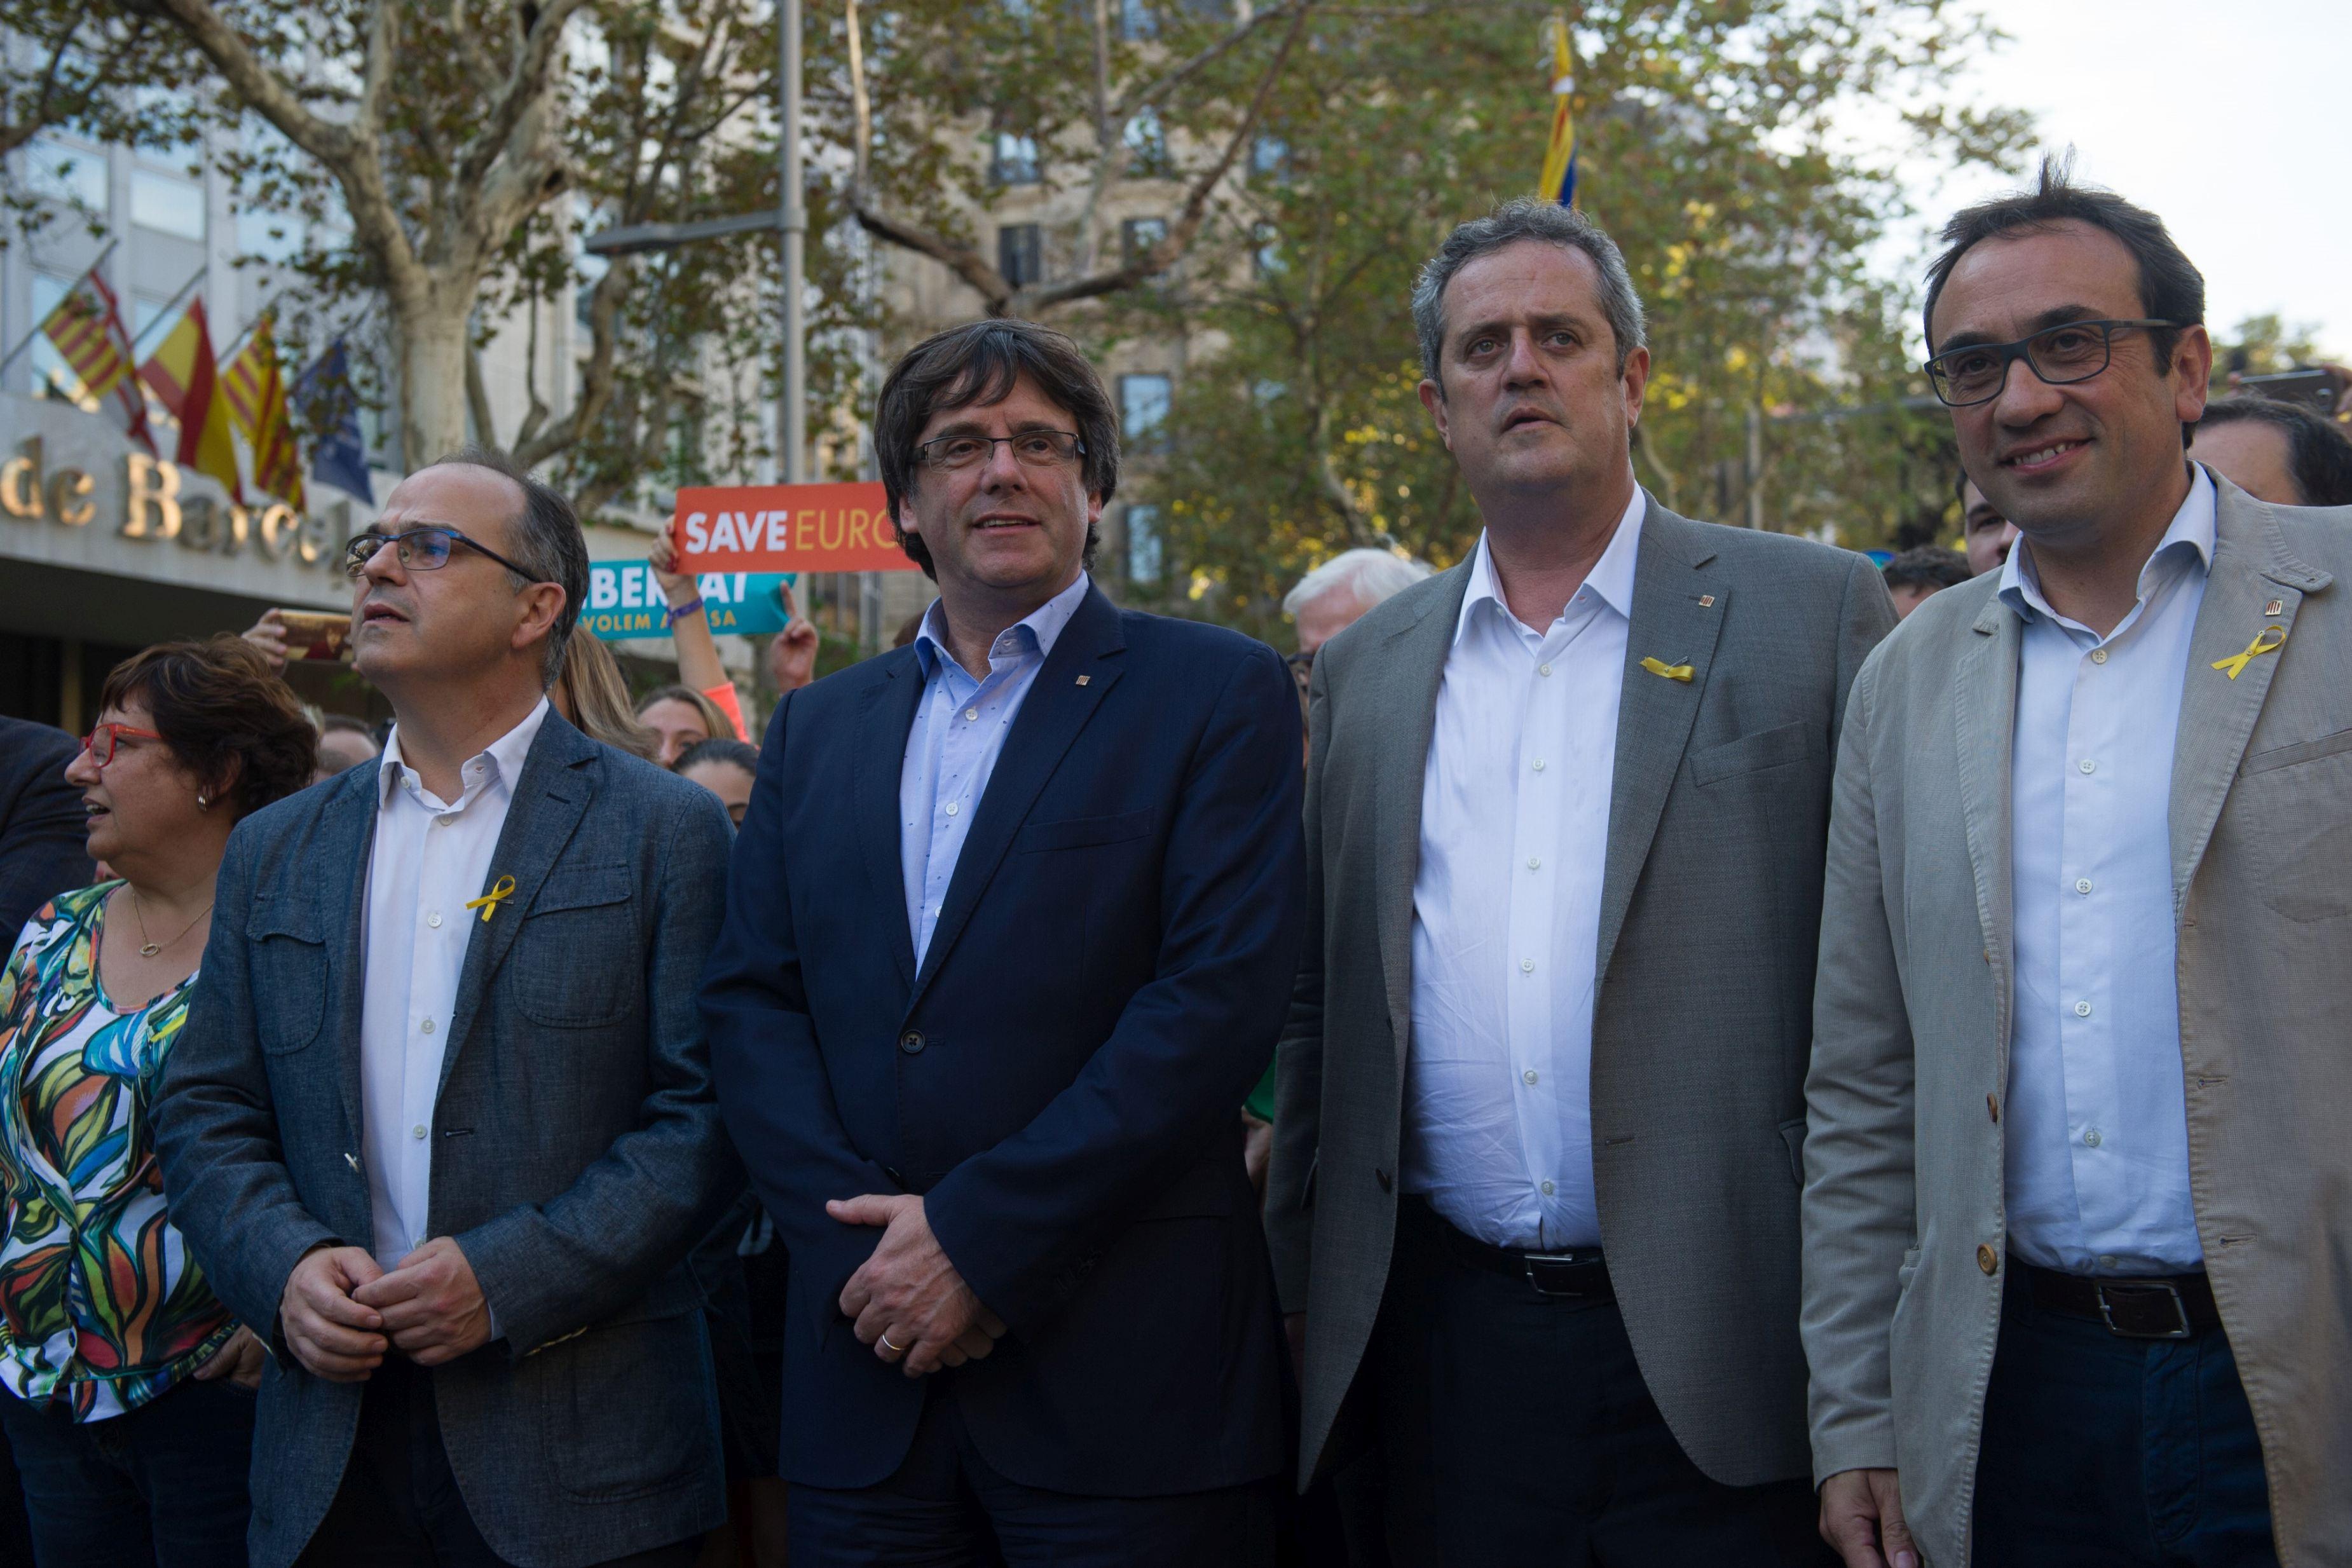 CRIZA din Catalonia: Premierul Carles Puigdemont refuză să dea explicaţii pe tema independenţei în faţa Senatului Spaniei